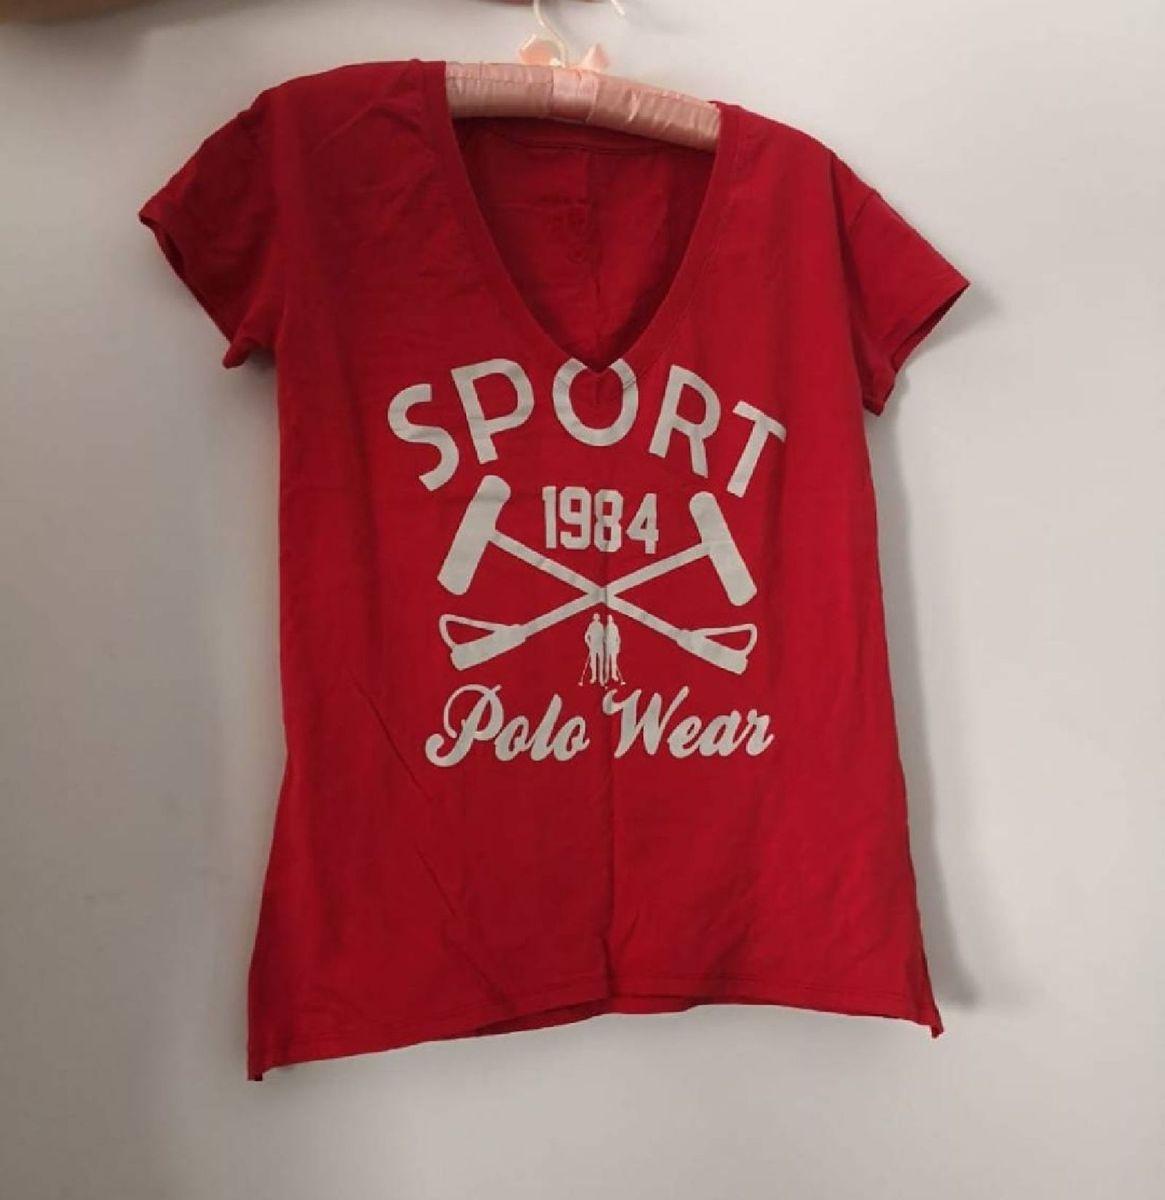 camisa polo wear vermelha - camisas polo wear